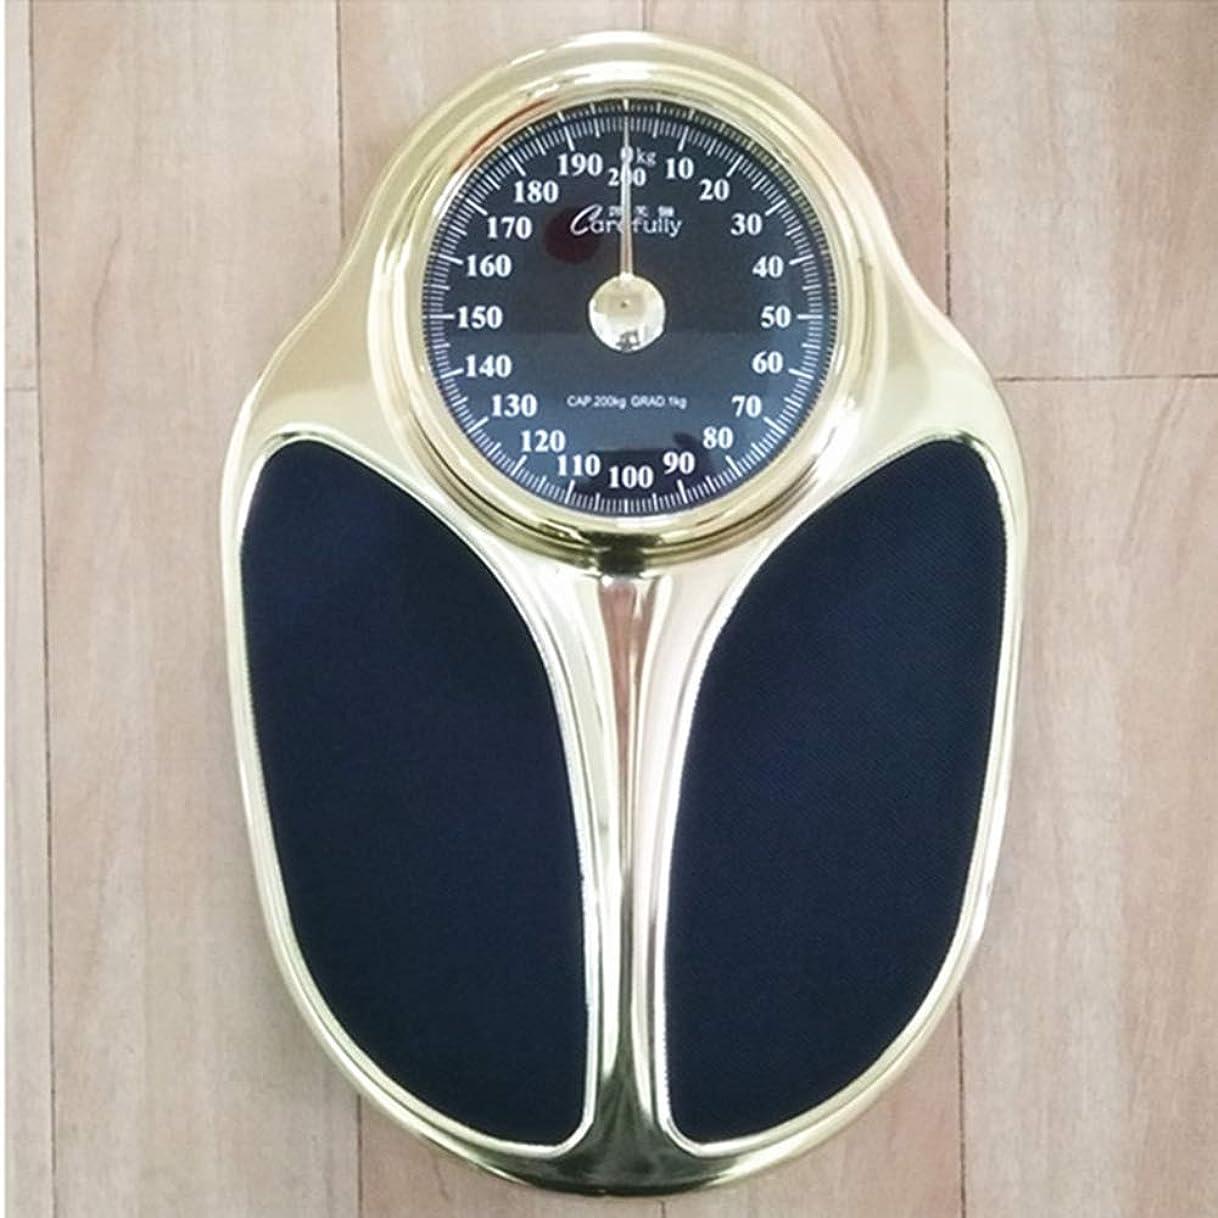 プロテスタントテクニカル死の顎ALY? 機械浴室スケール、200kg / 441ポンド、プロの医師用体重計、精密大型ダイヤル、電池不要